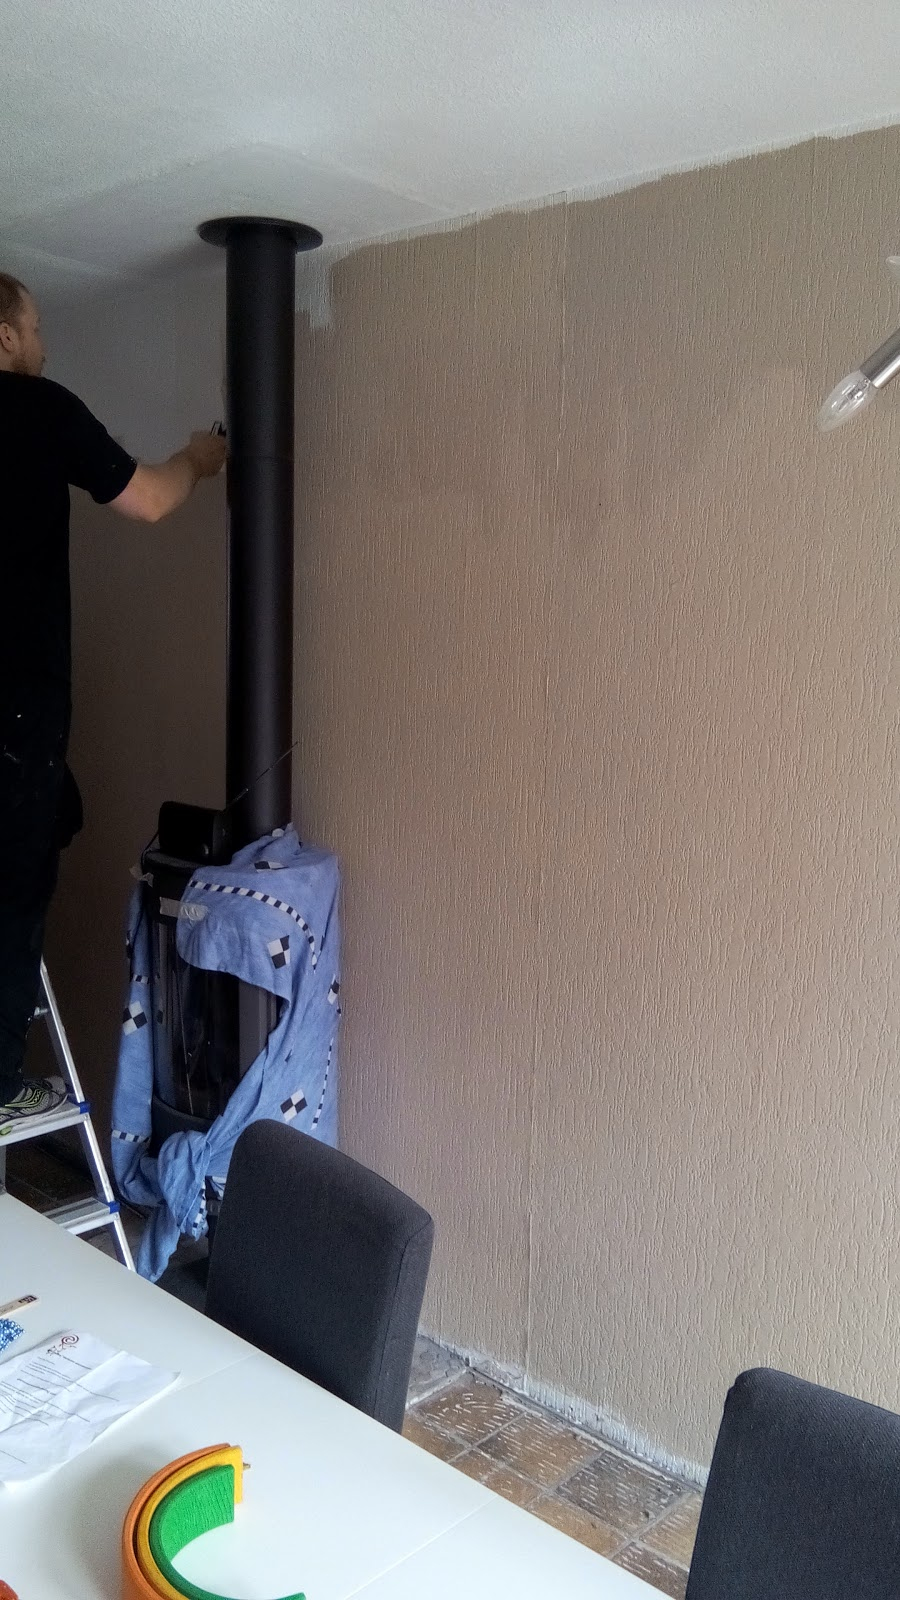 Sander en daantjes mint groene blog: foto's van de woonkamer bij ...